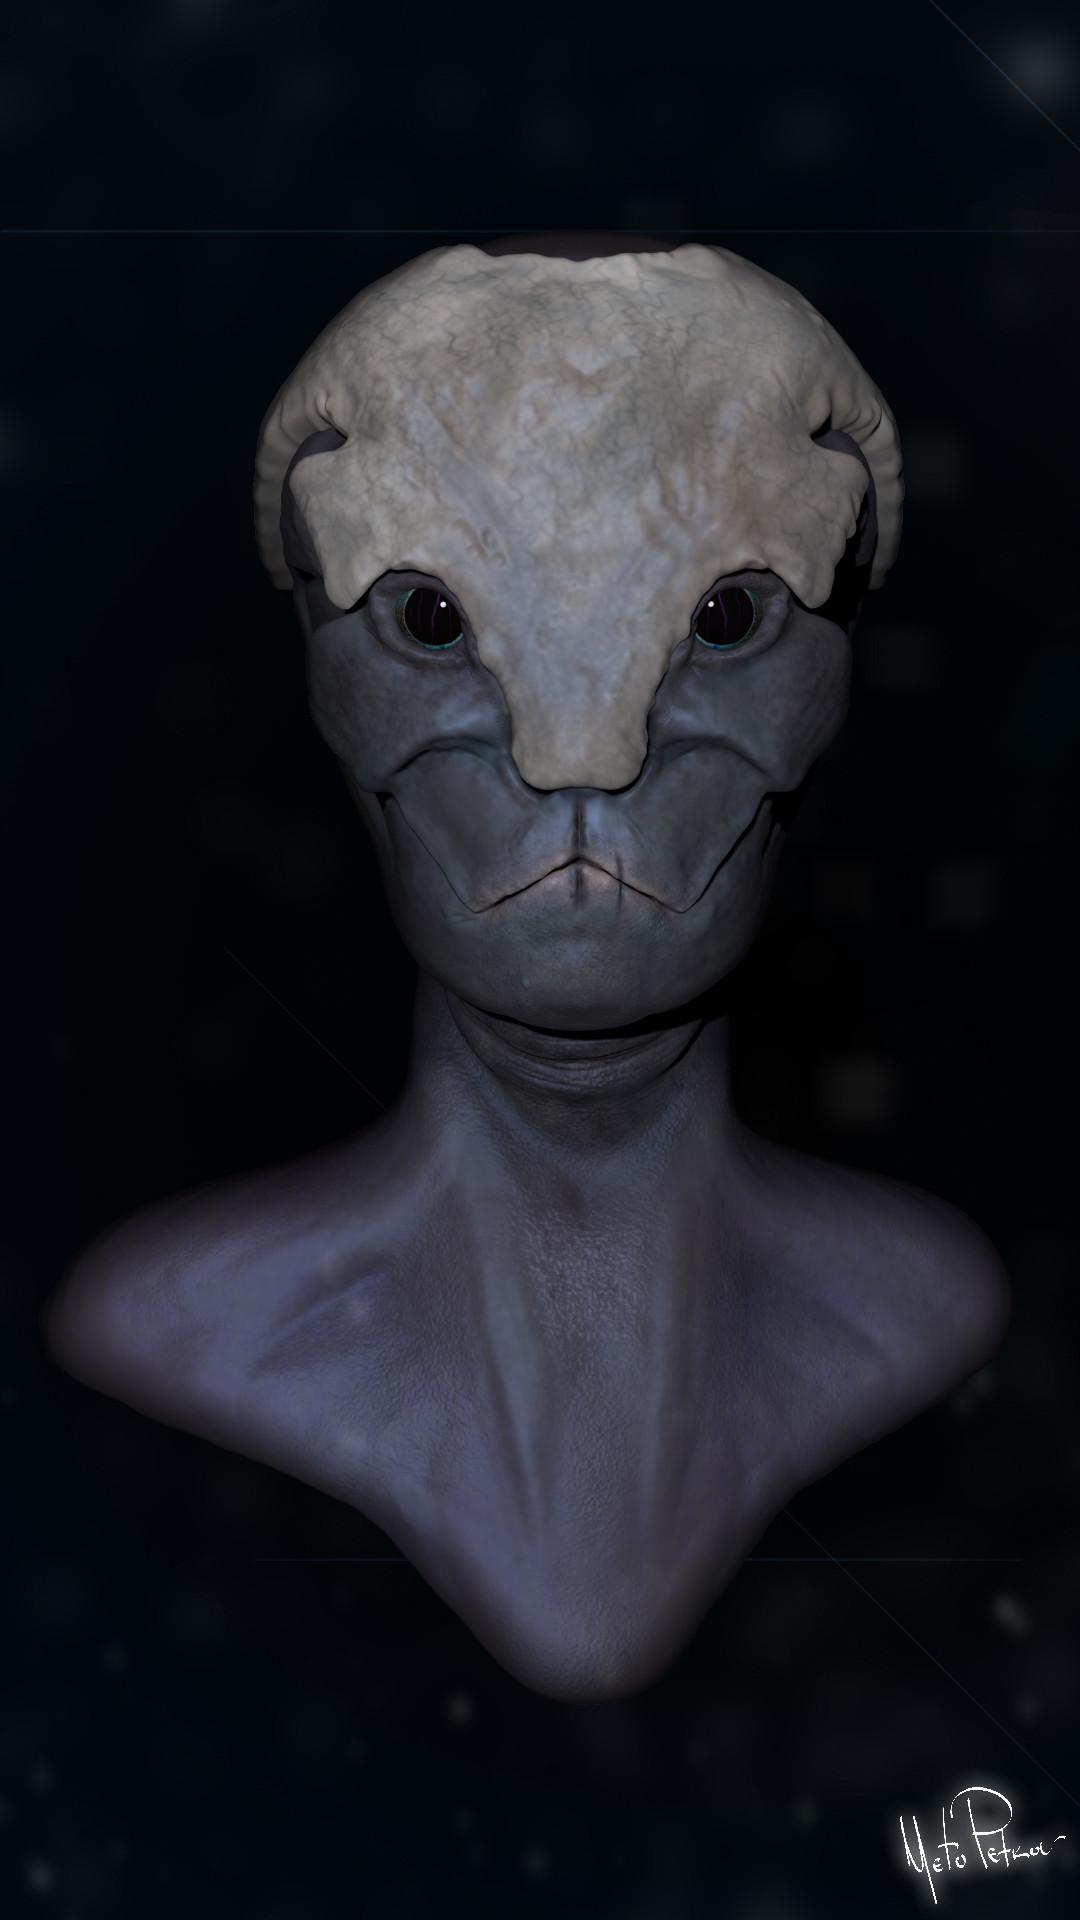 Meto petkov alien